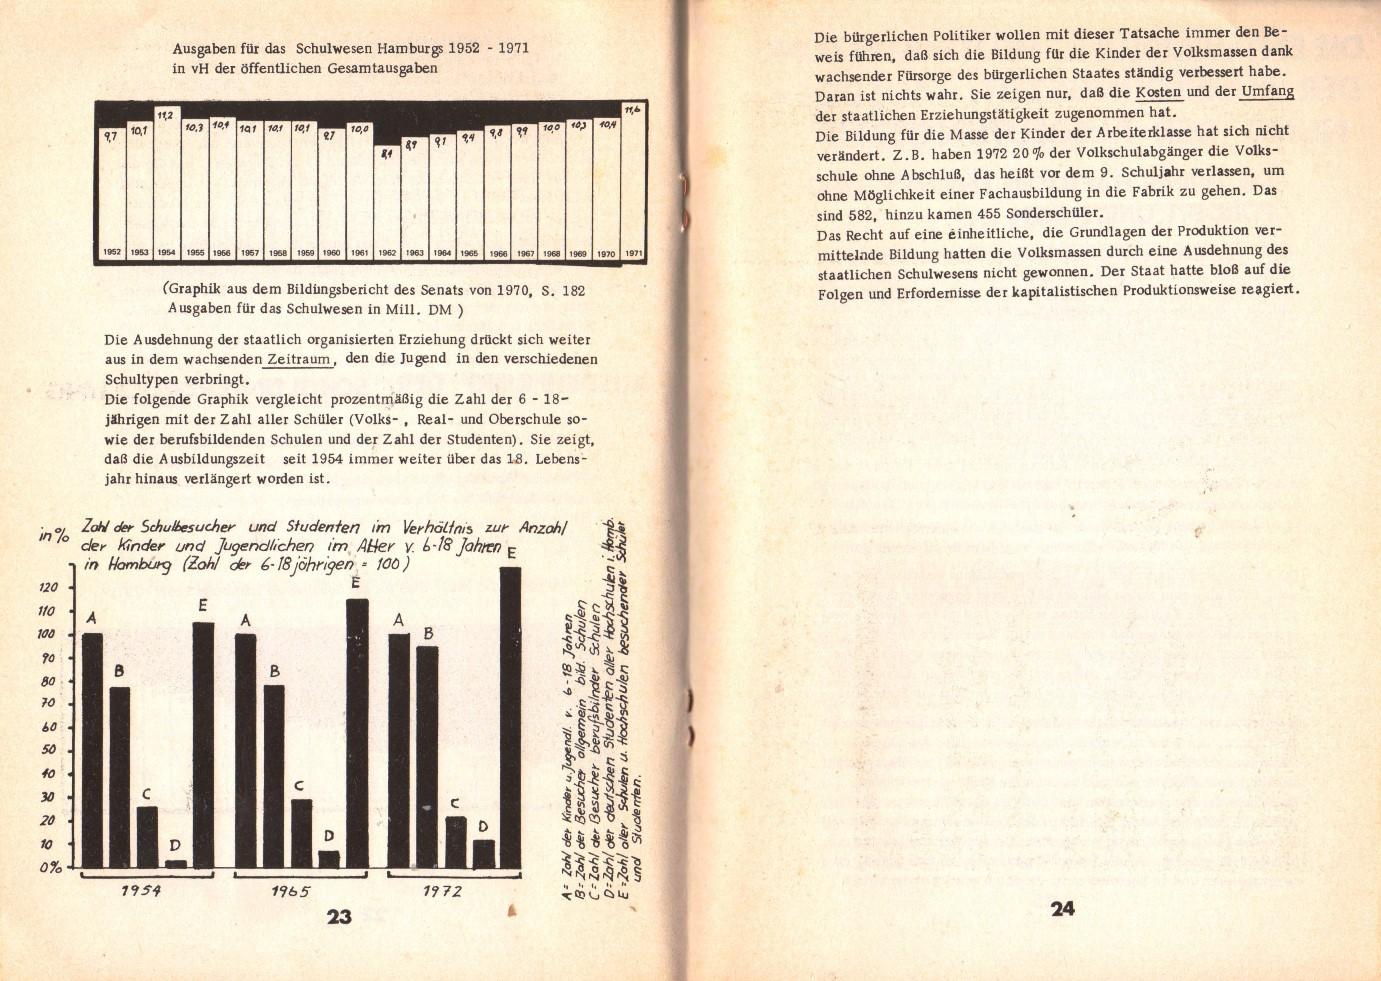 Hamburg_KBW_1976_Das_Schulwesen_seit_1945_14